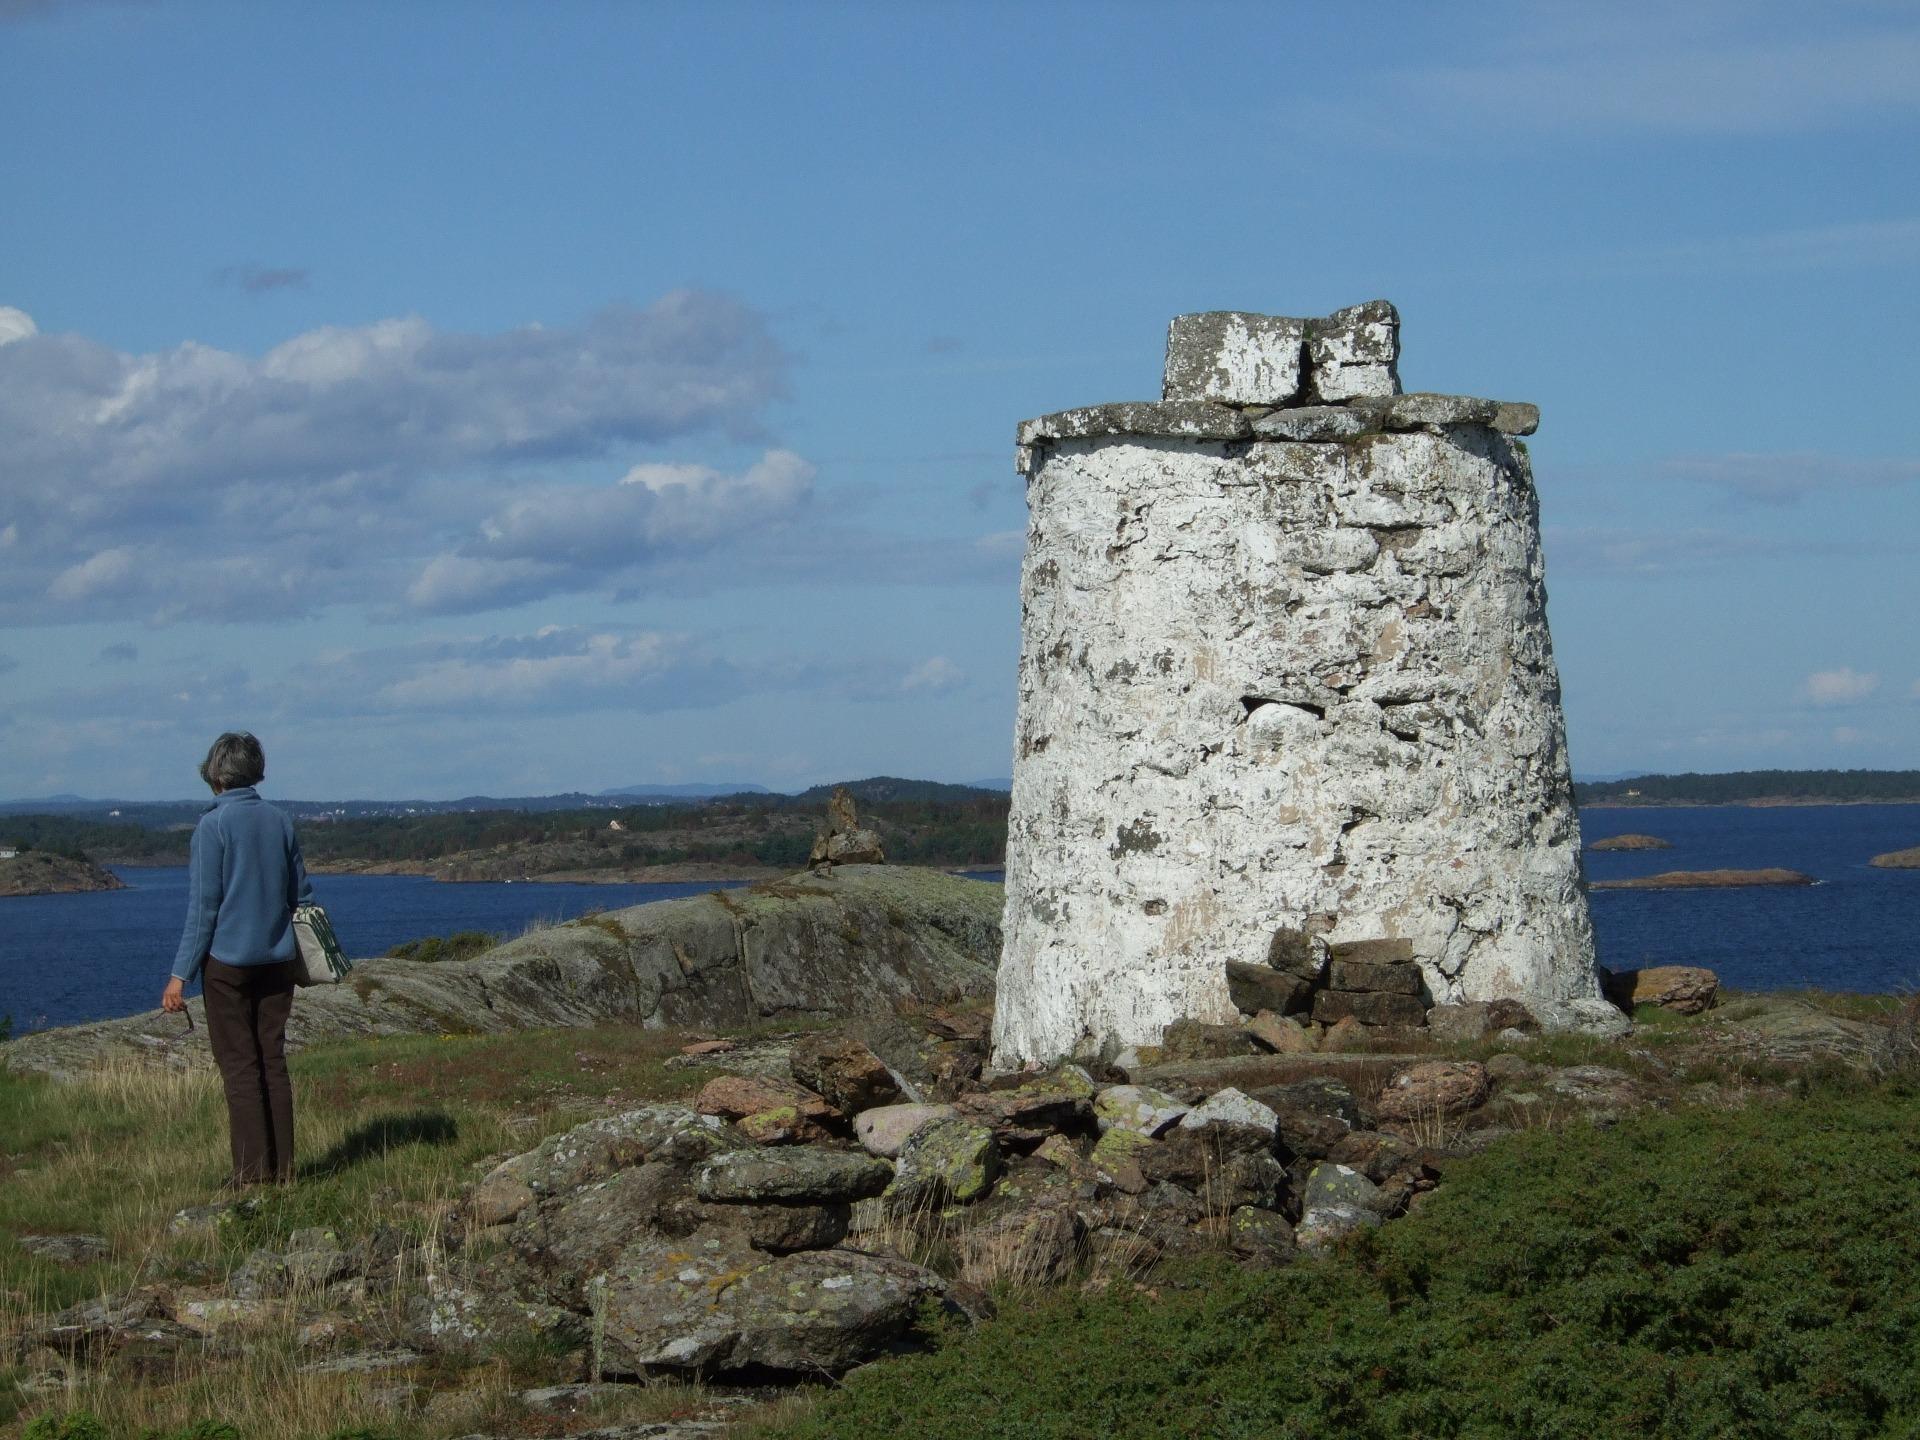 En hvitmalt varde på øya Leistein i Tjøme kommune. Foto: Karl Ragnar Gjertsen (CC BY-SA) via Wikimedia Commons.